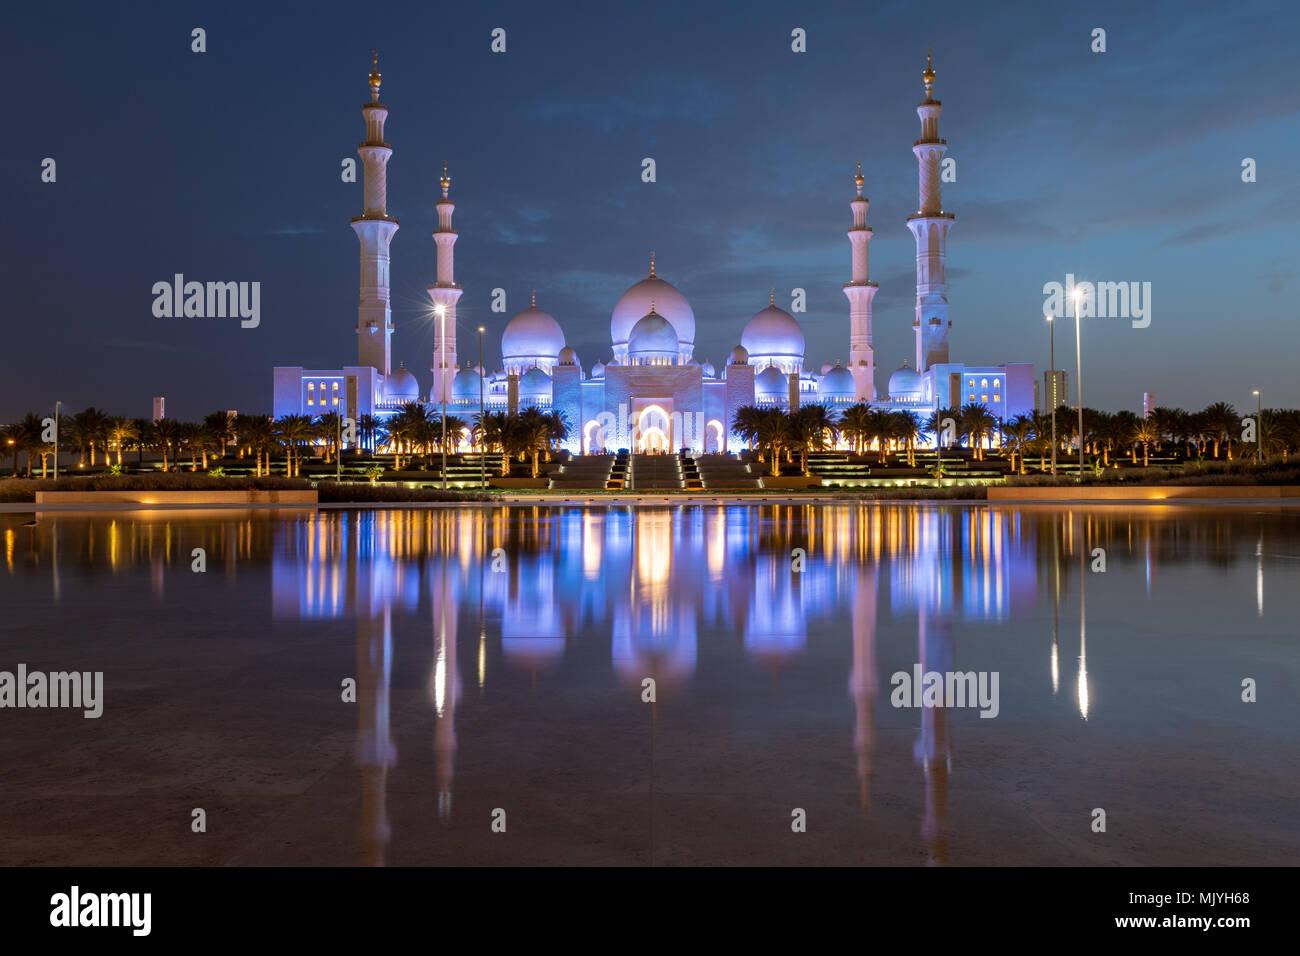 Grande Mosquée de Sheikh Zayed à Abu Dhabi, capitale des Emirats Arabes Unis. Mosquée est construite de marbre blanc italien. Reflet dans le lac Photo Stock